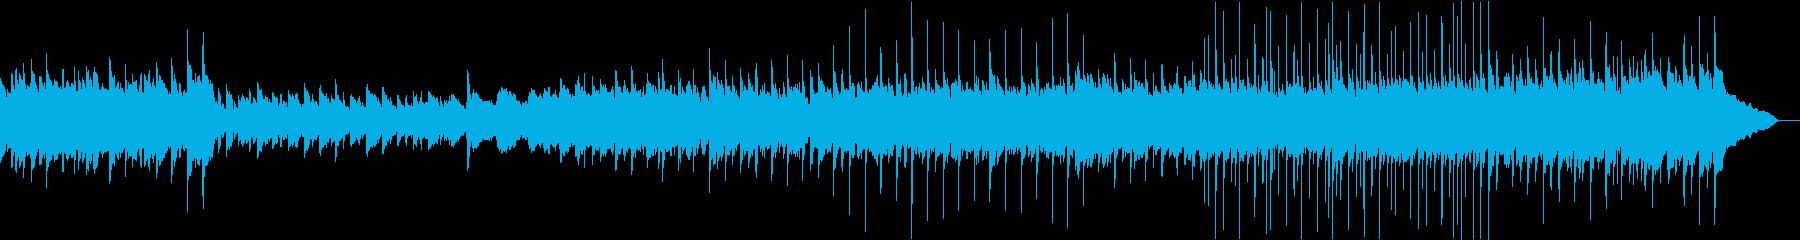 アコギと木琴で奏でる優しくかわいいPOPの再生済みの波形